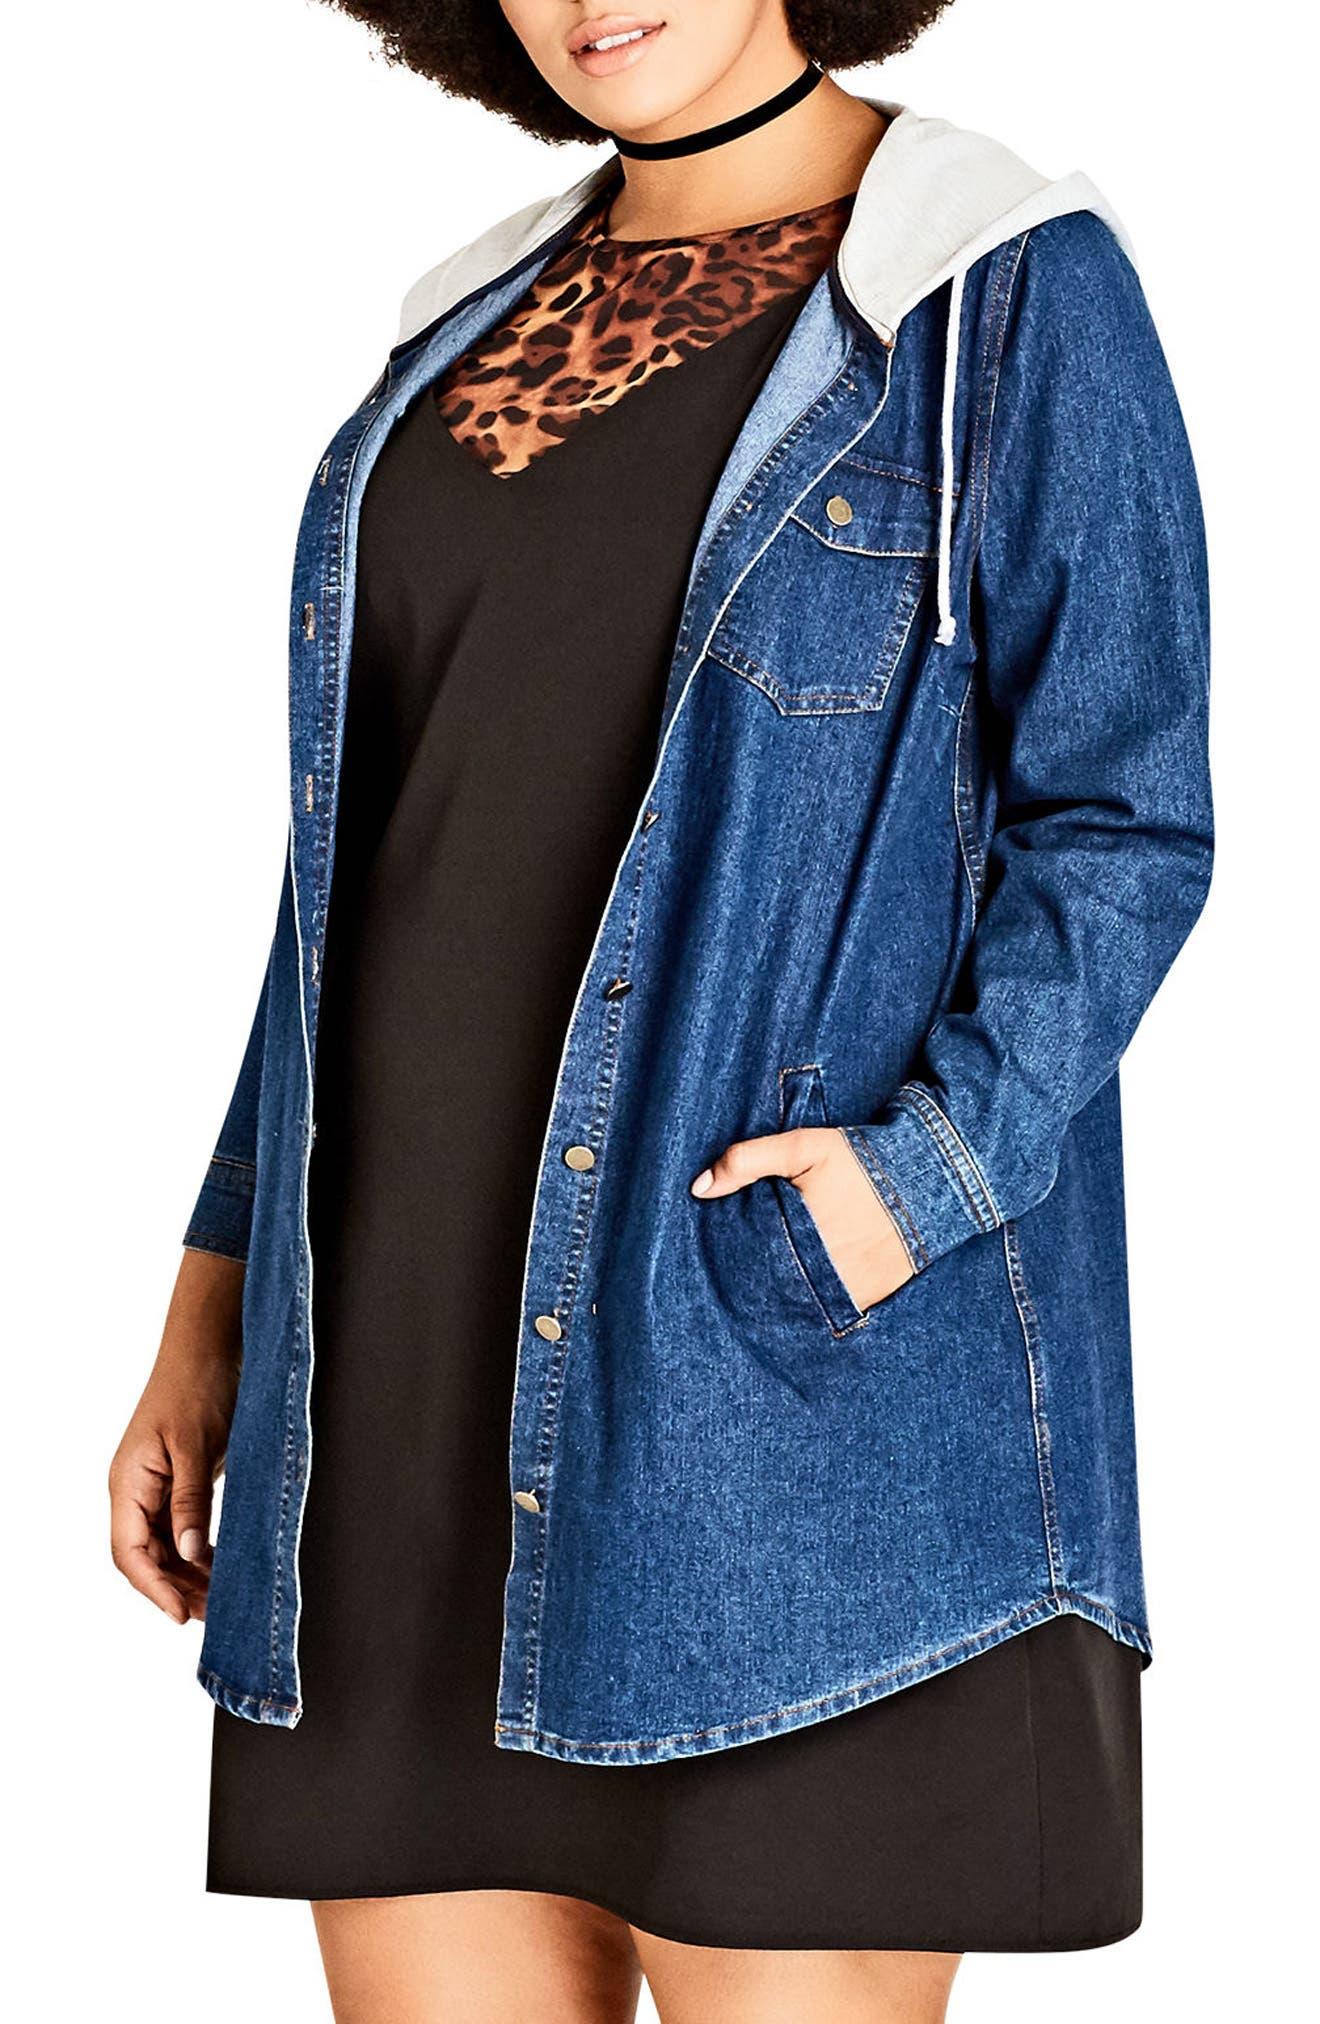 Alternate Image 3  - City Chic Denim Vibe Hooded Jacket (Plus Size)